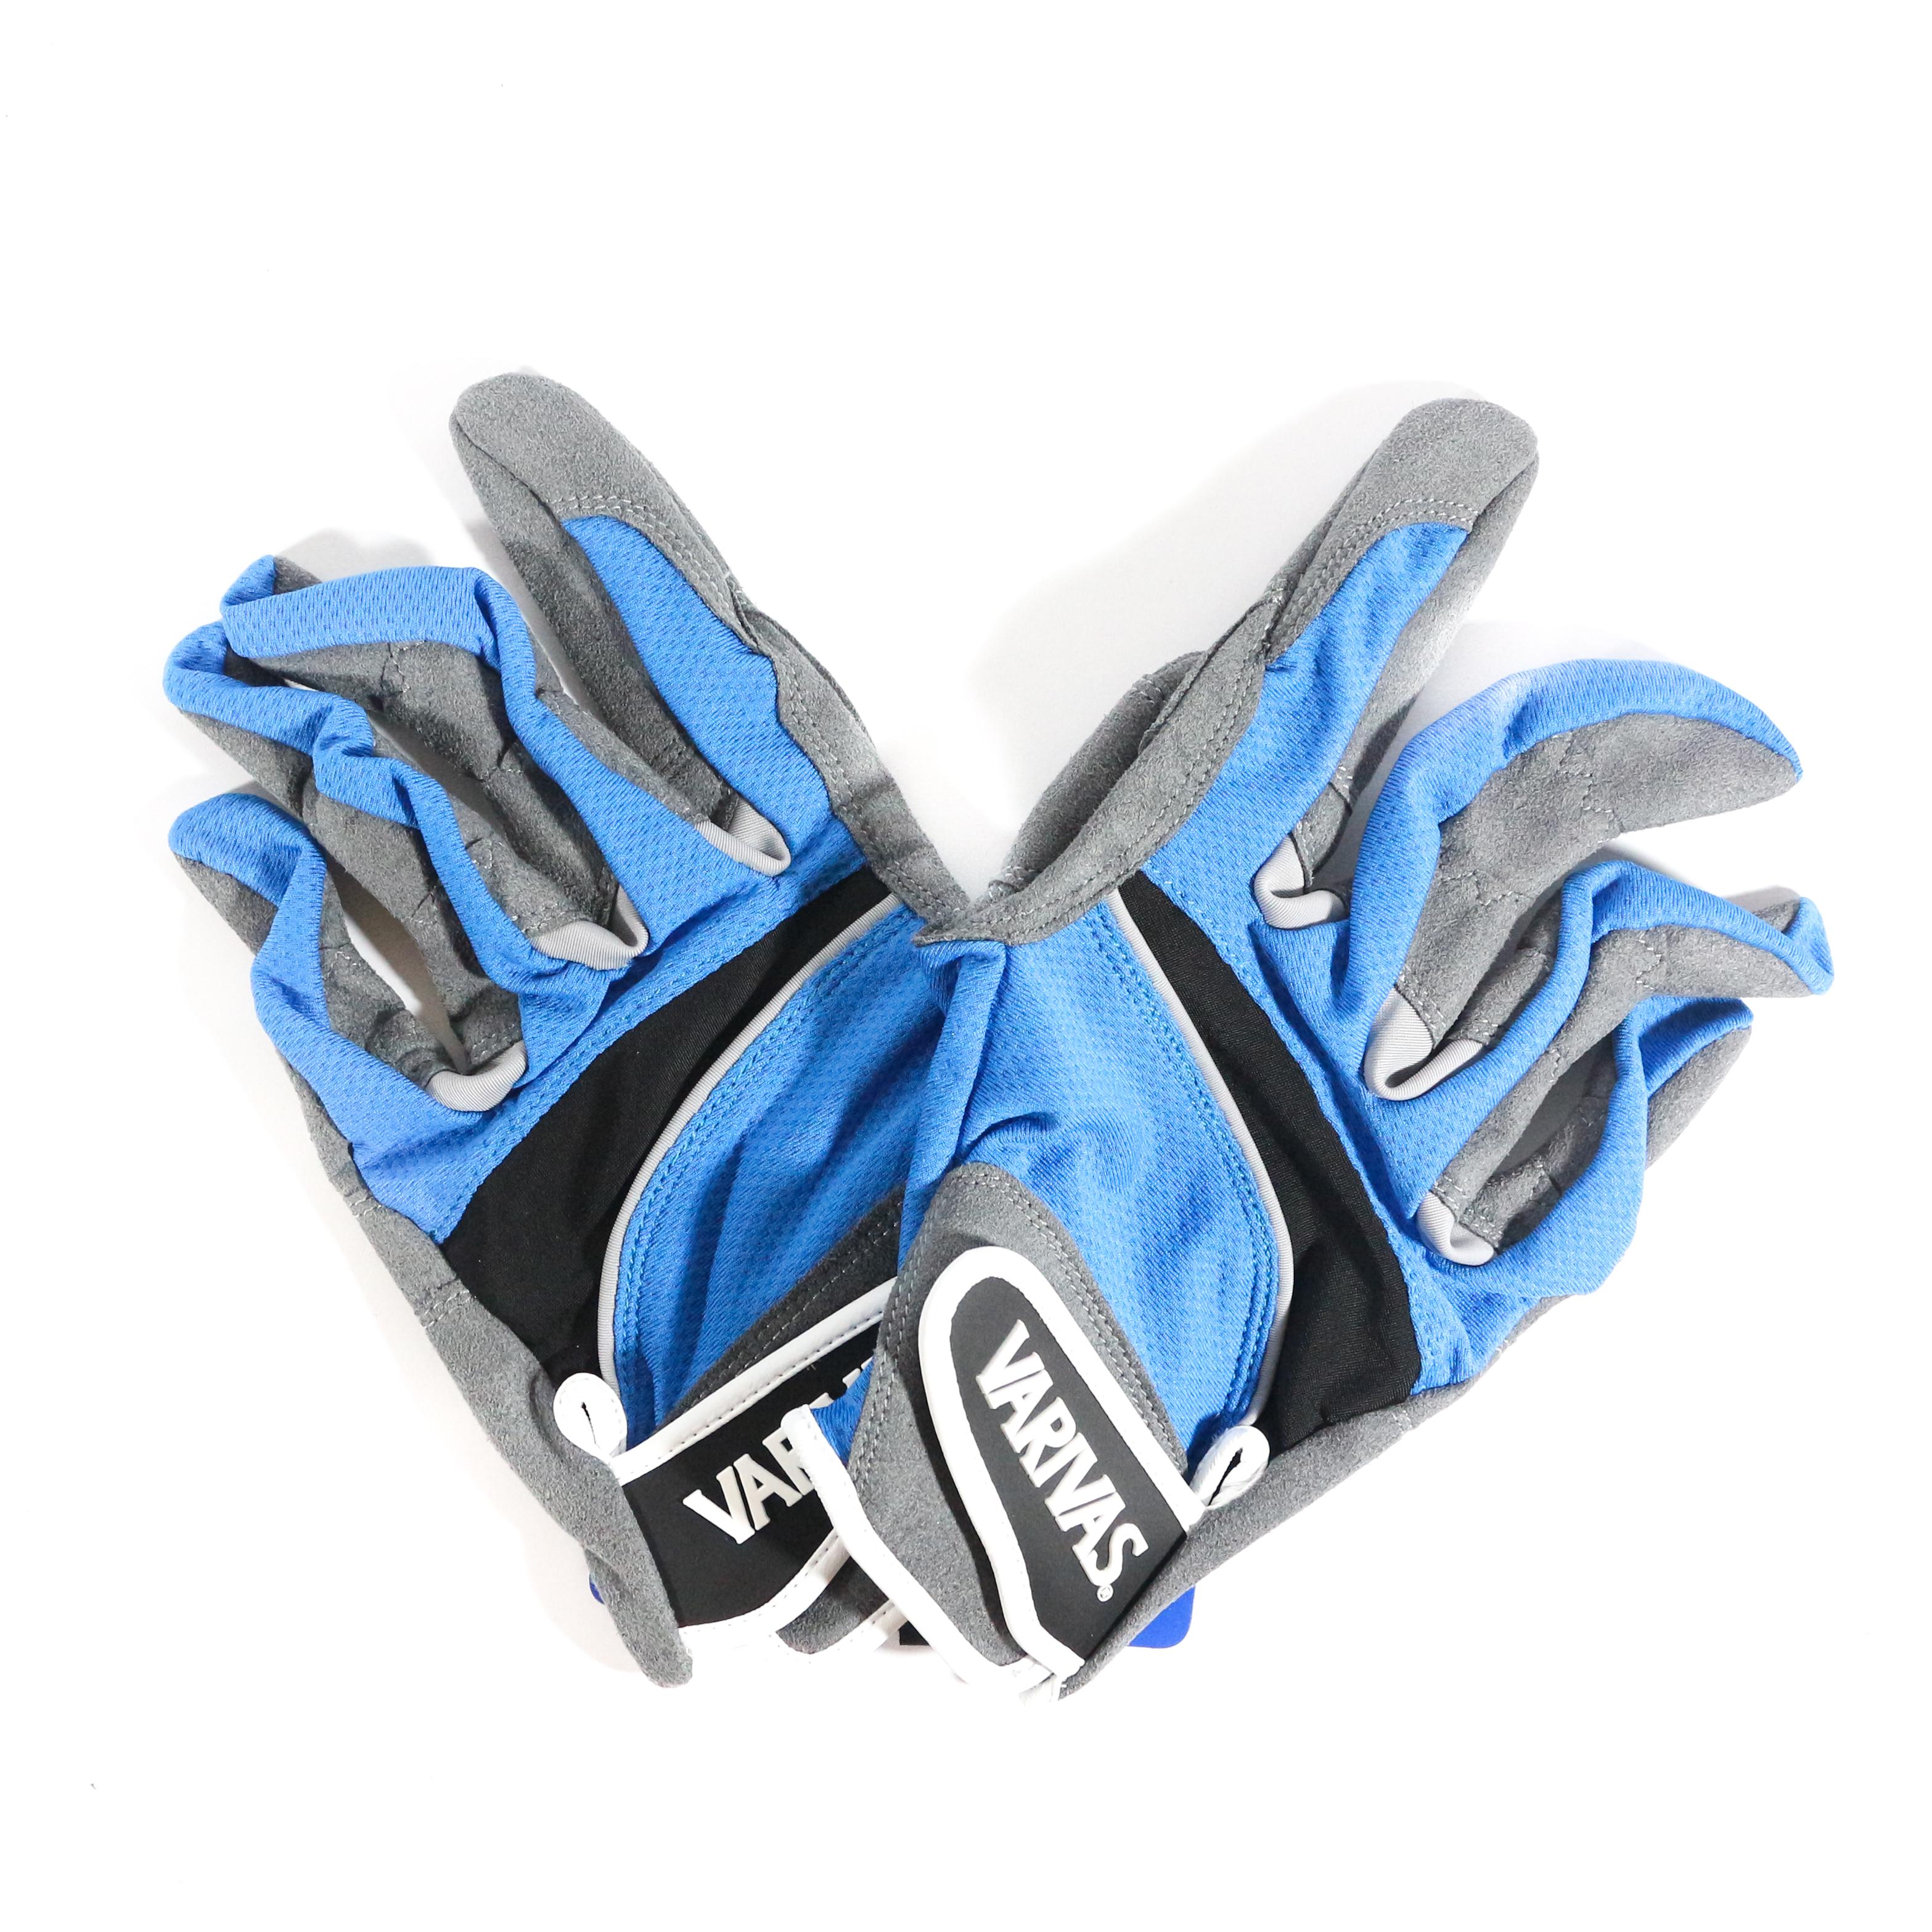 Varivas VAG-20 Mesh Gloves Ergo Grip Blue Size L (0535)